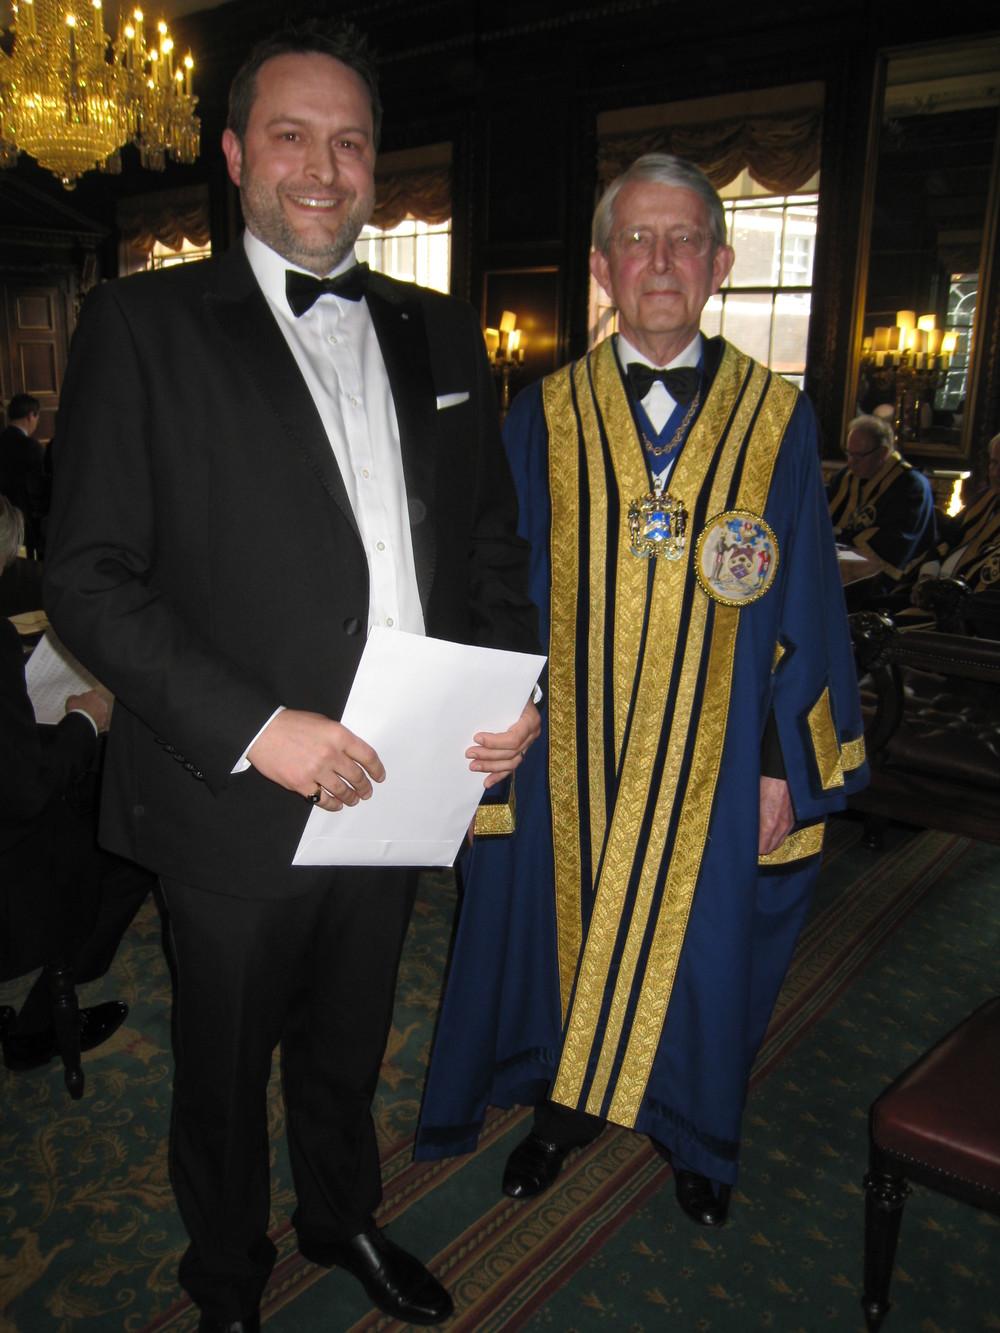 Freeman Richard John & The Master